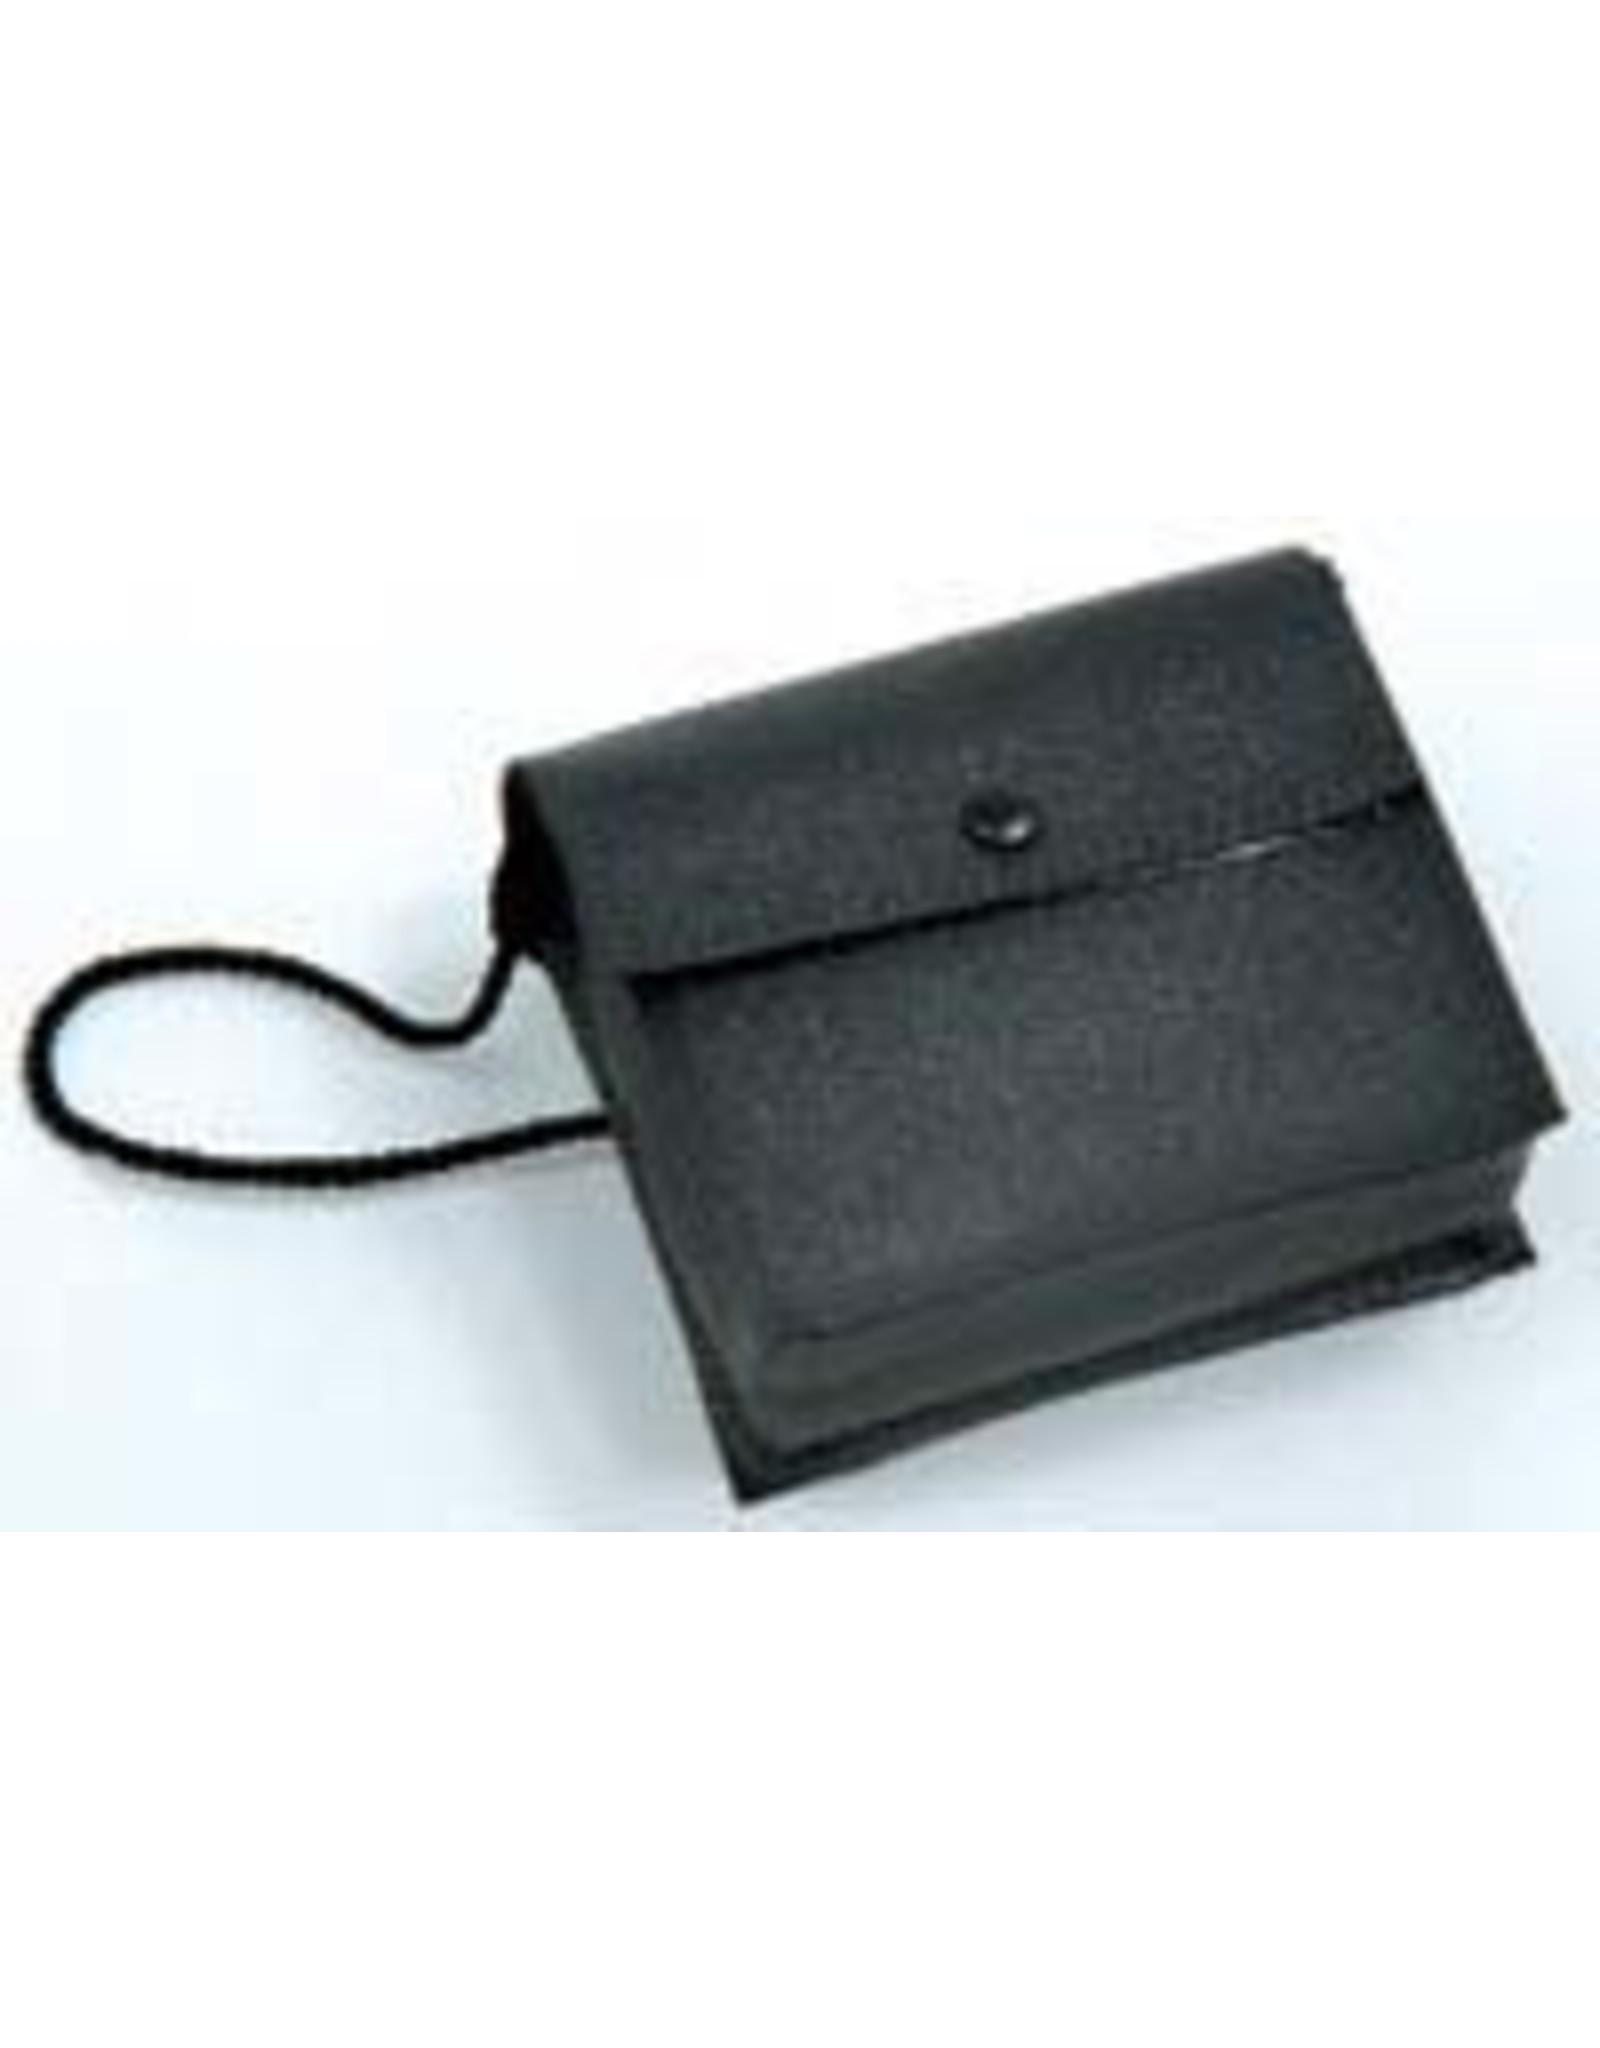 """Burse (Hospital) Leather-Lined (Fits 3-1/2""""x1-1/2"""" Pyx)"""